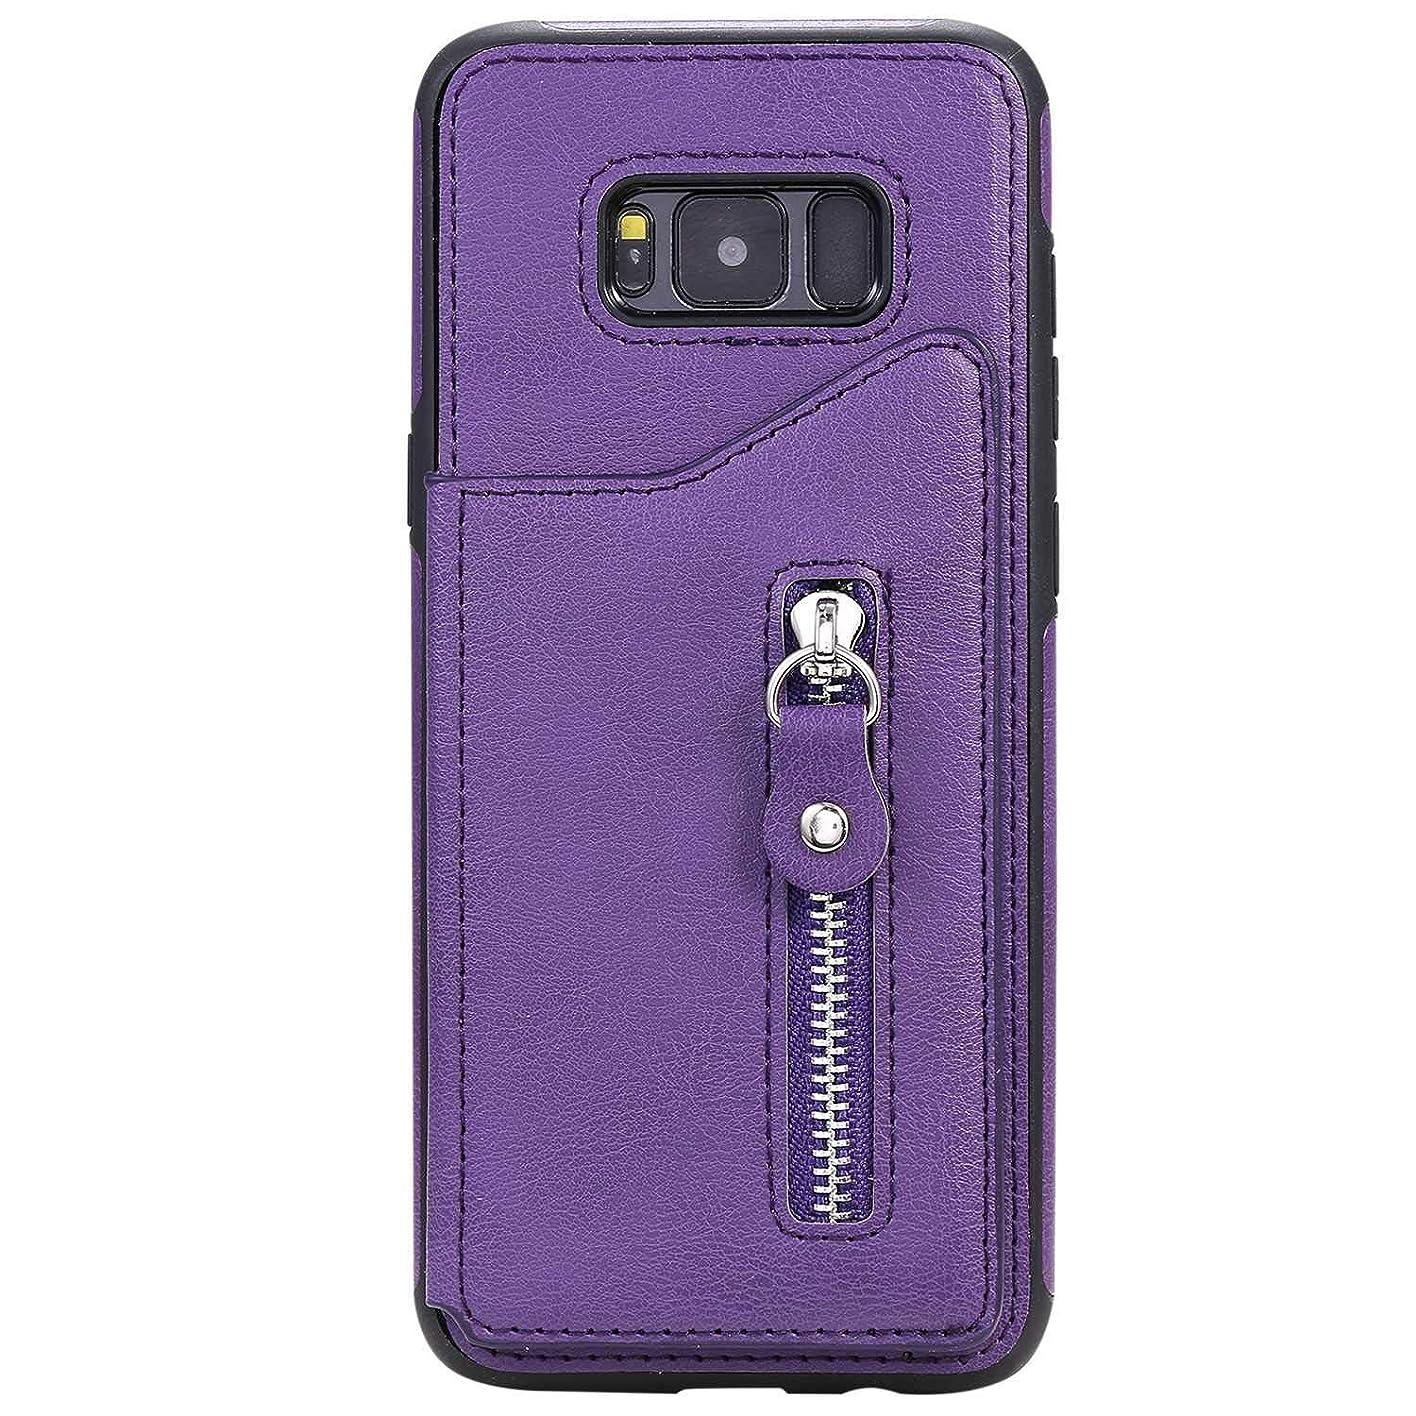 不愉快に極小不道徳Galaxy S8 Plus 高品質 新品 ケース, CUNUS 合皮レザー ケース 耐汚れ 軽量 スタンド機能 カード収納 カバー Samsung Galaxy S8 Plus 用, パープル